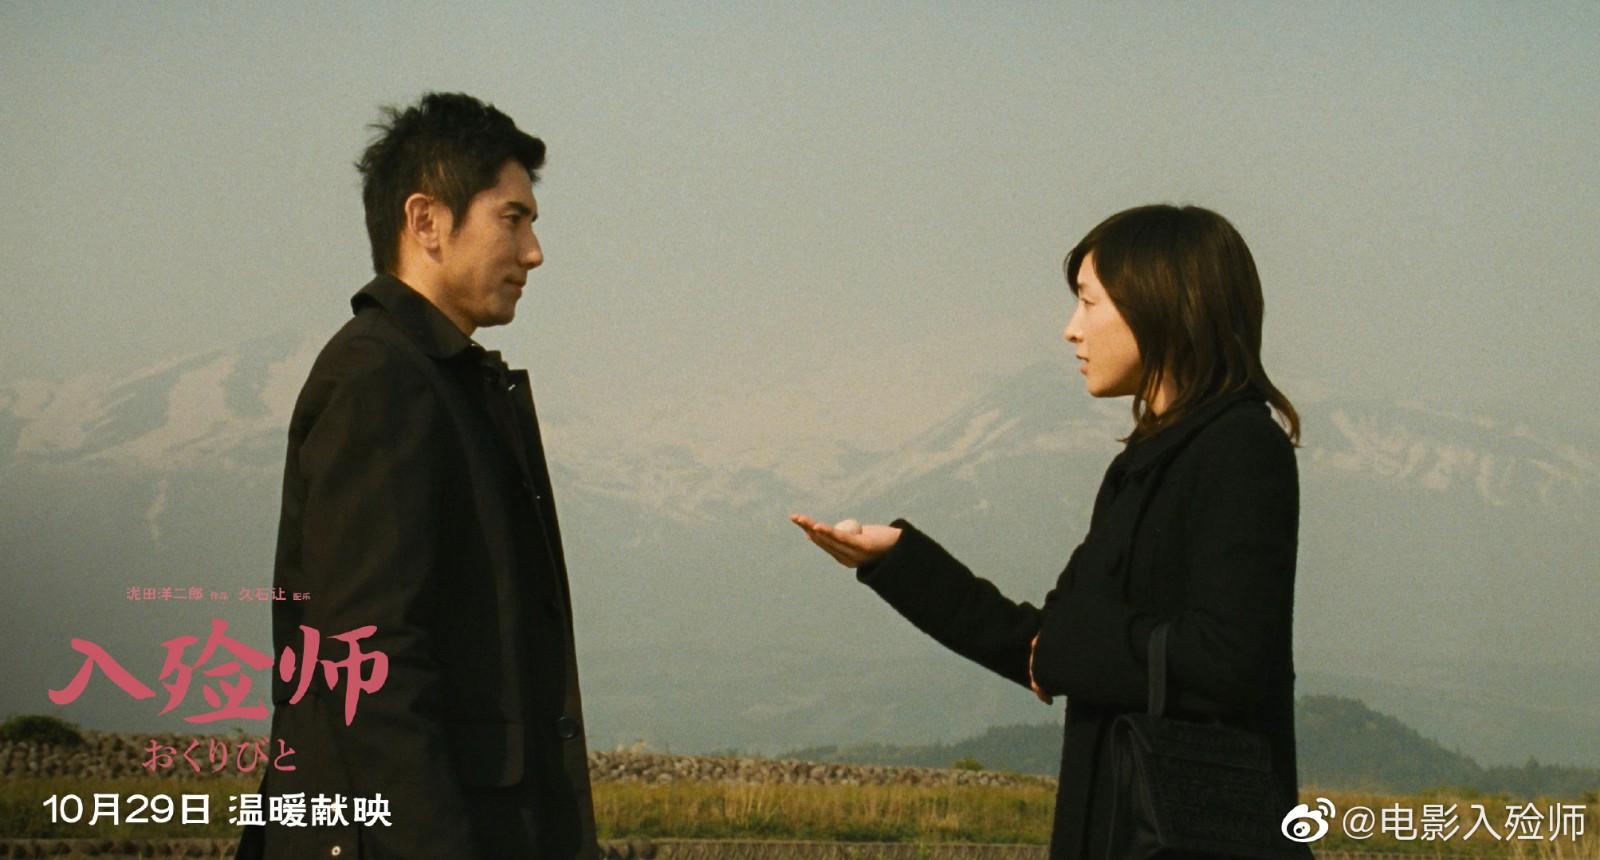 奥斯卡最佳外语片《入殓师》定档10月29日国内上映